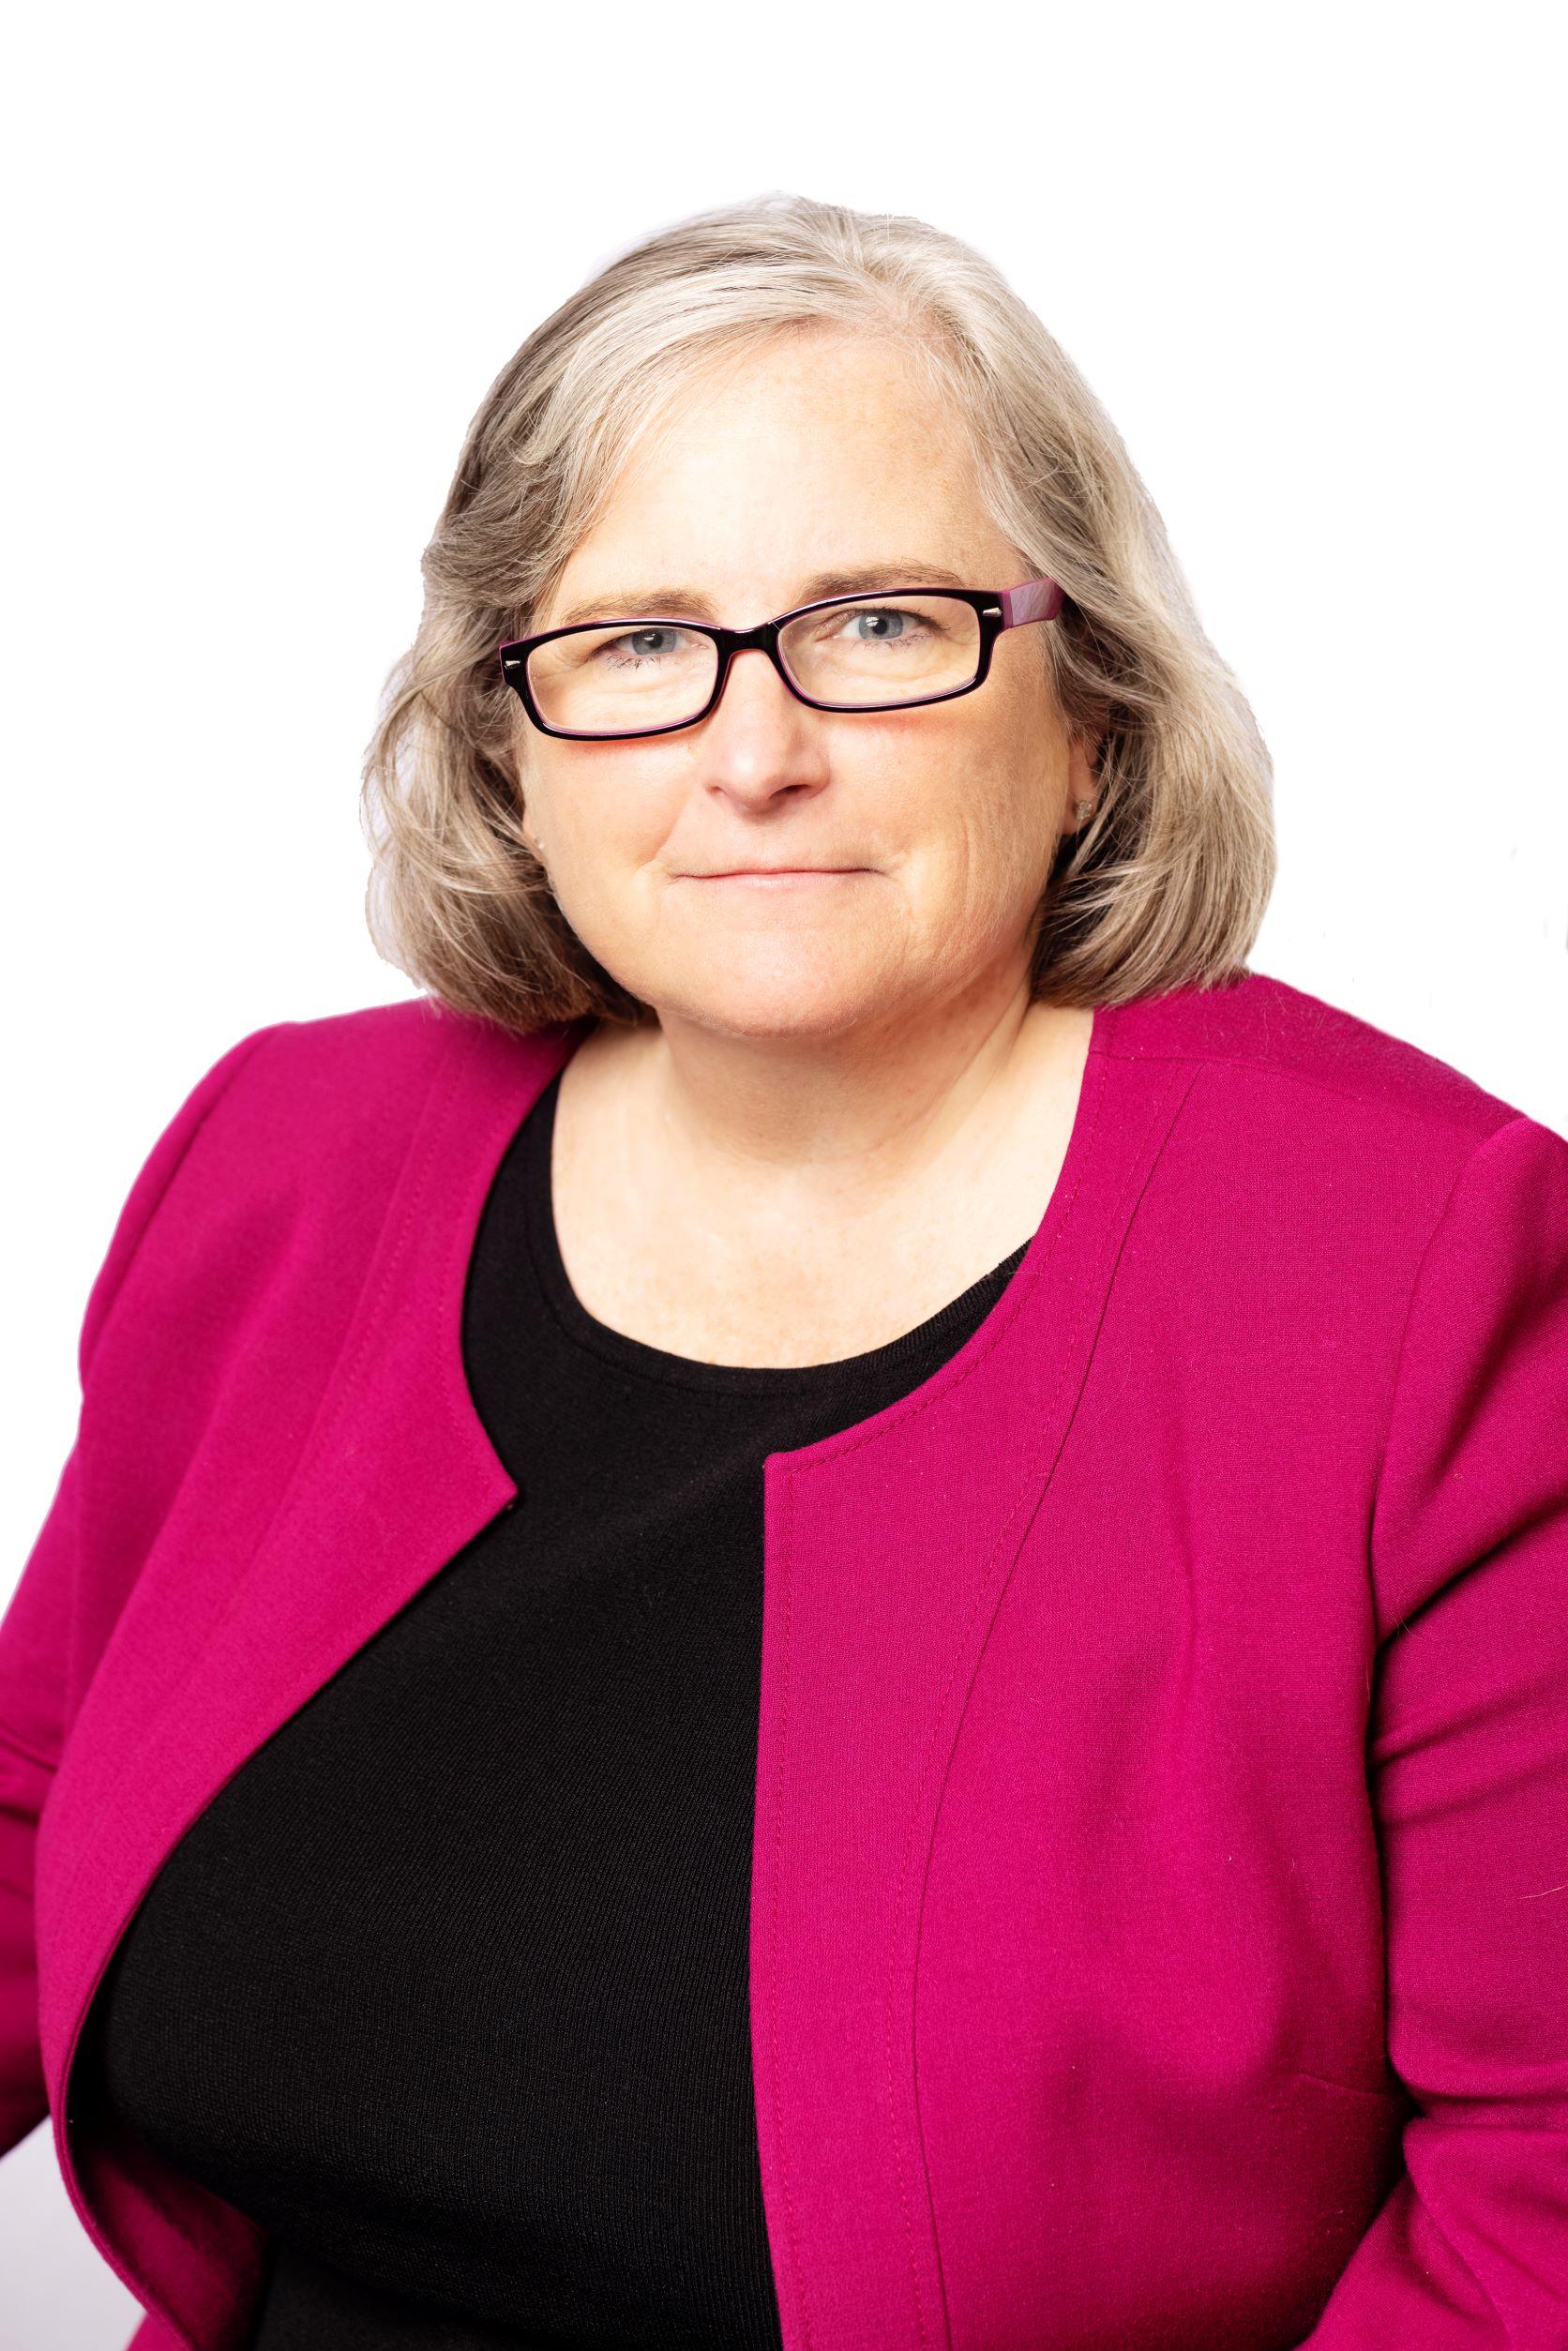 Eileen Becker